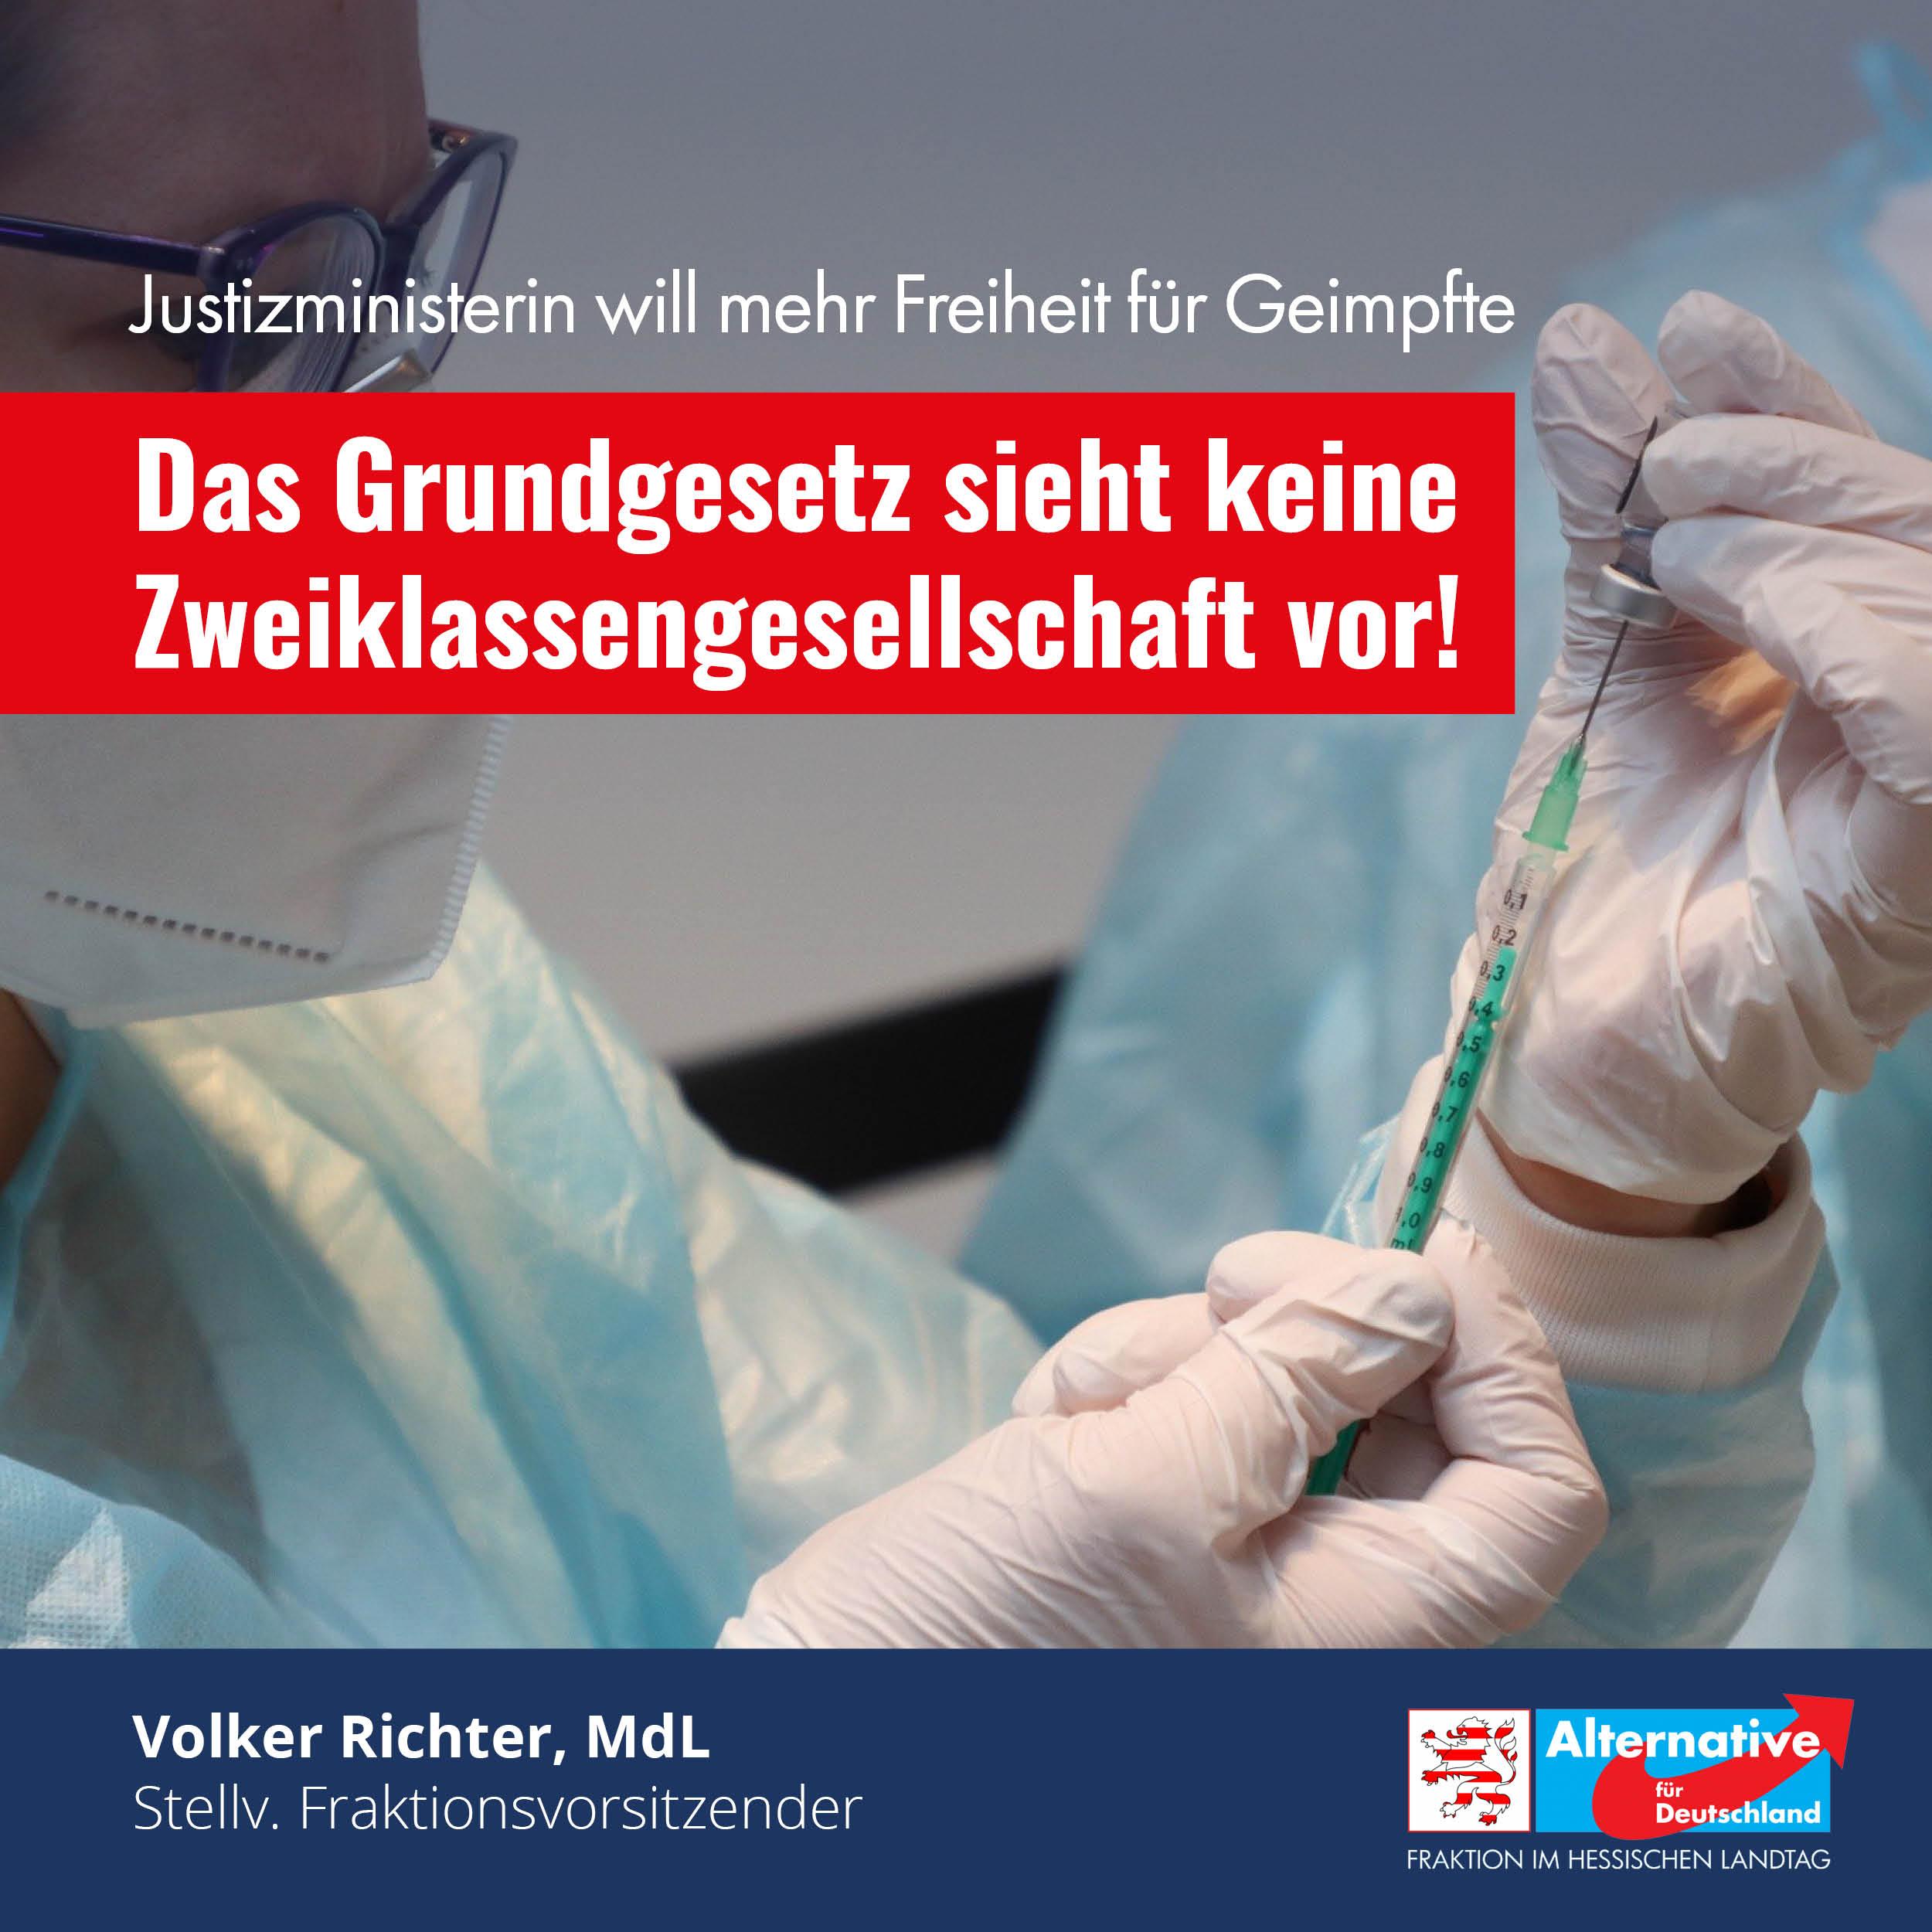 You are currently viewing Justizministerin will mehr Freiheit für Geimpfte!